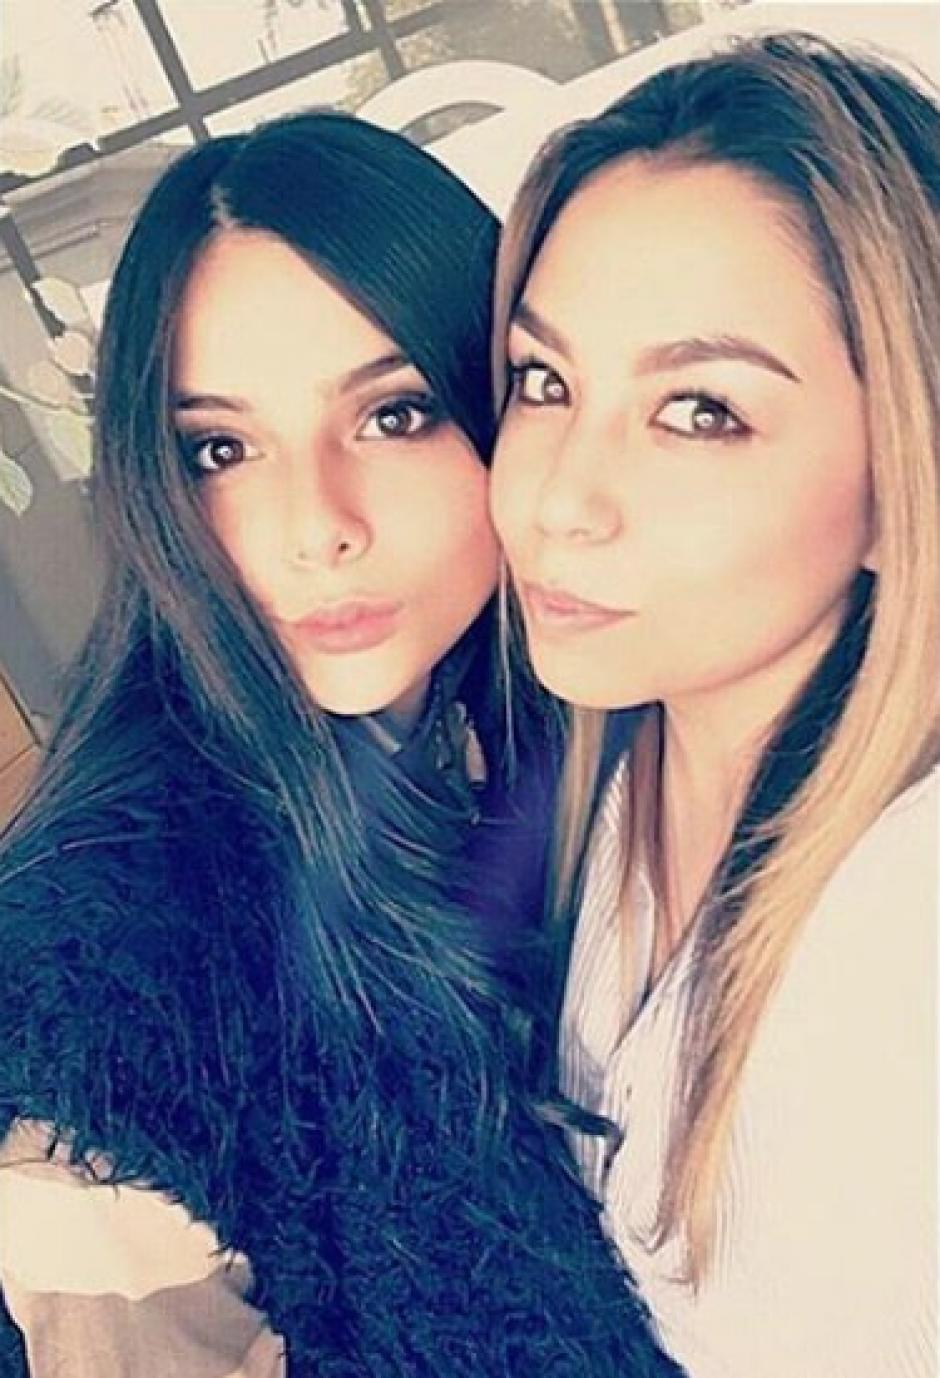 La hermanita de James Rodríguez, brilla en las redes sociales. (Foto: Instagram)